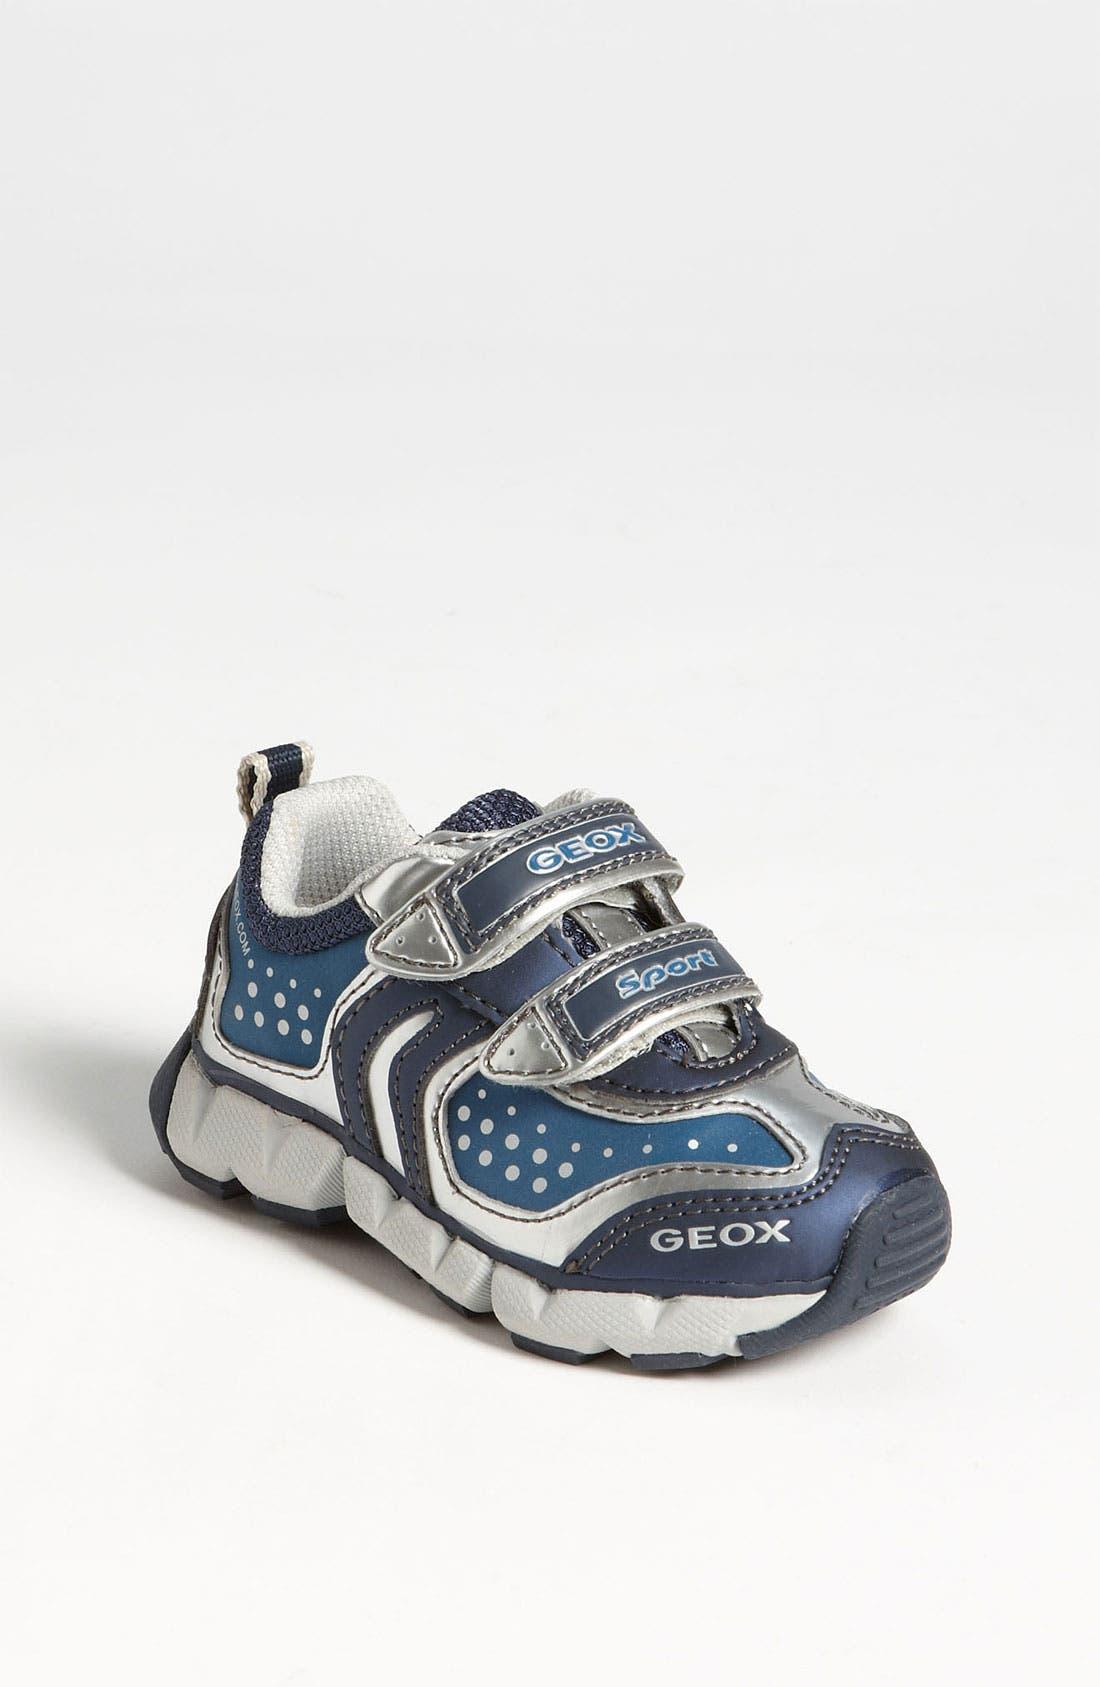 Alternate Image 1 Selected - Geox 'Rumble' Sneaker (Walker & Toddler)